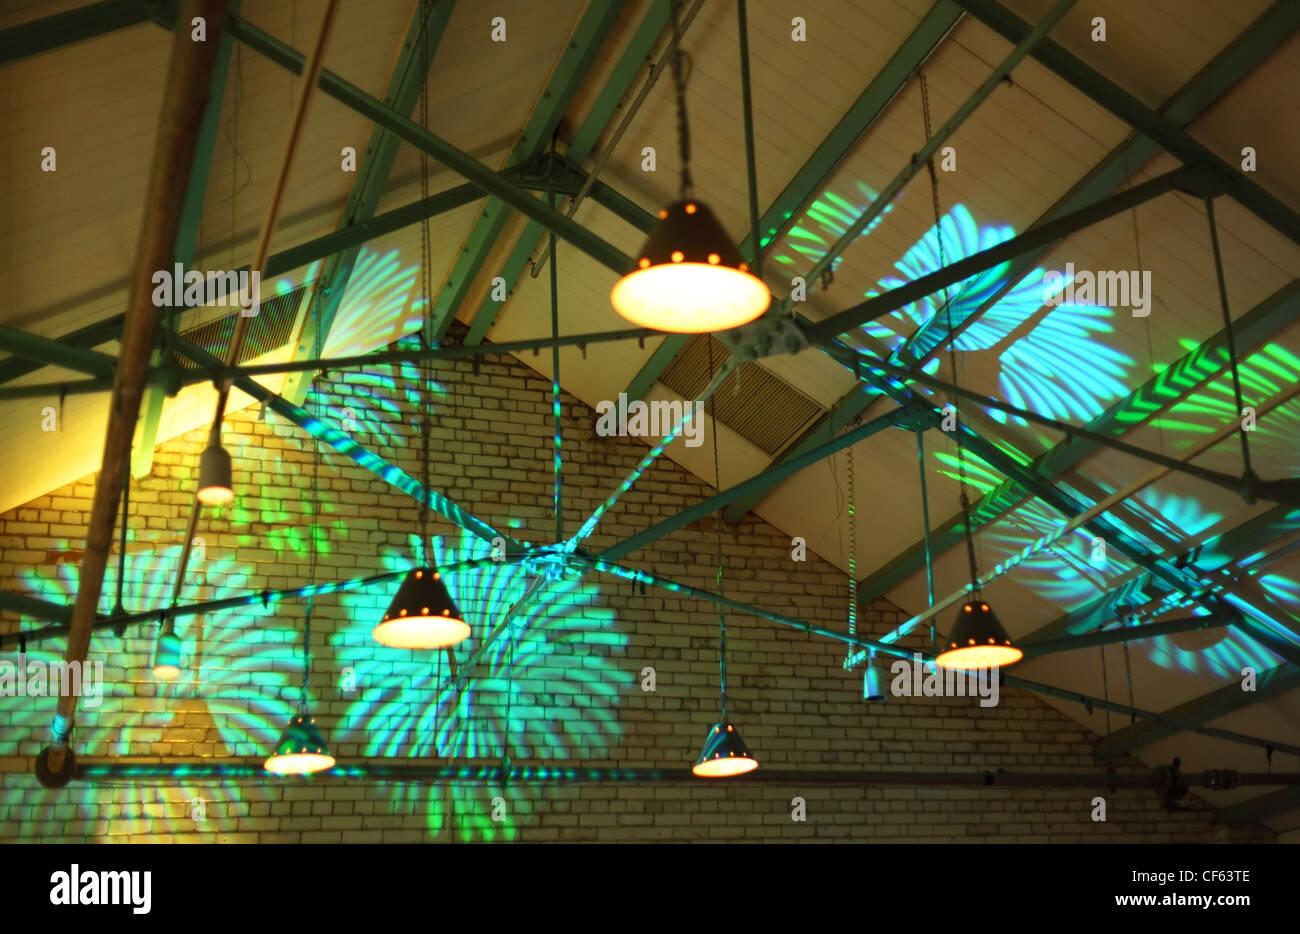 helle Beleuchtung. grüne und blaue abstrakte Formen auf Ziegelmauer Stockbild